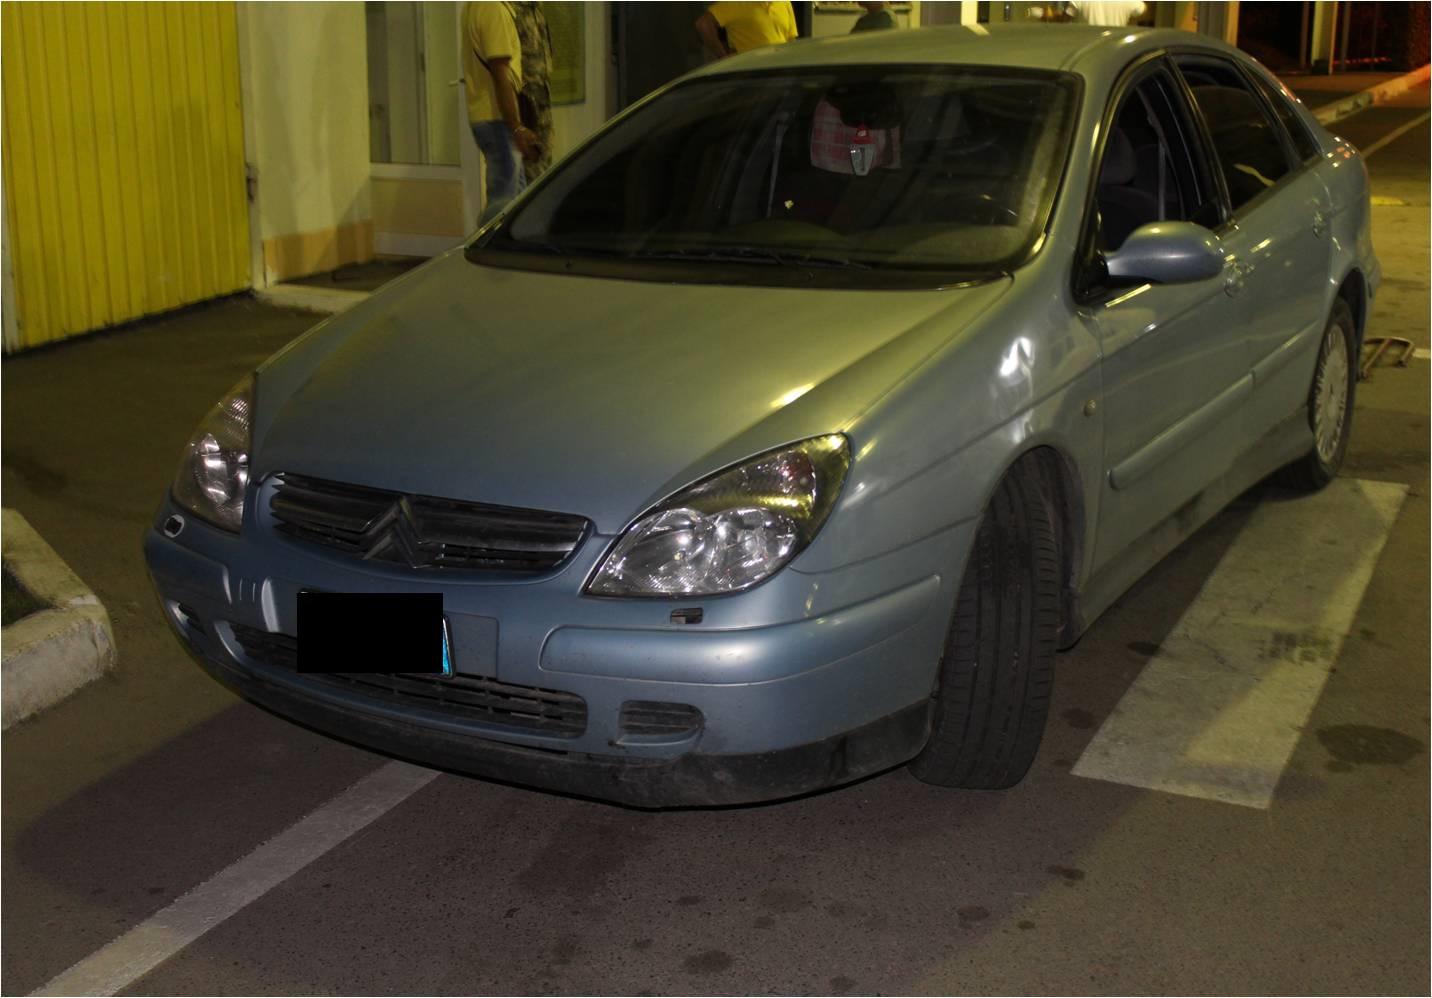 Автомобіль марки «SITROEN»,  викрадений на території Італії, в червні цього року, виявили сьогодні вночі прикордонники Мукачівського загону.